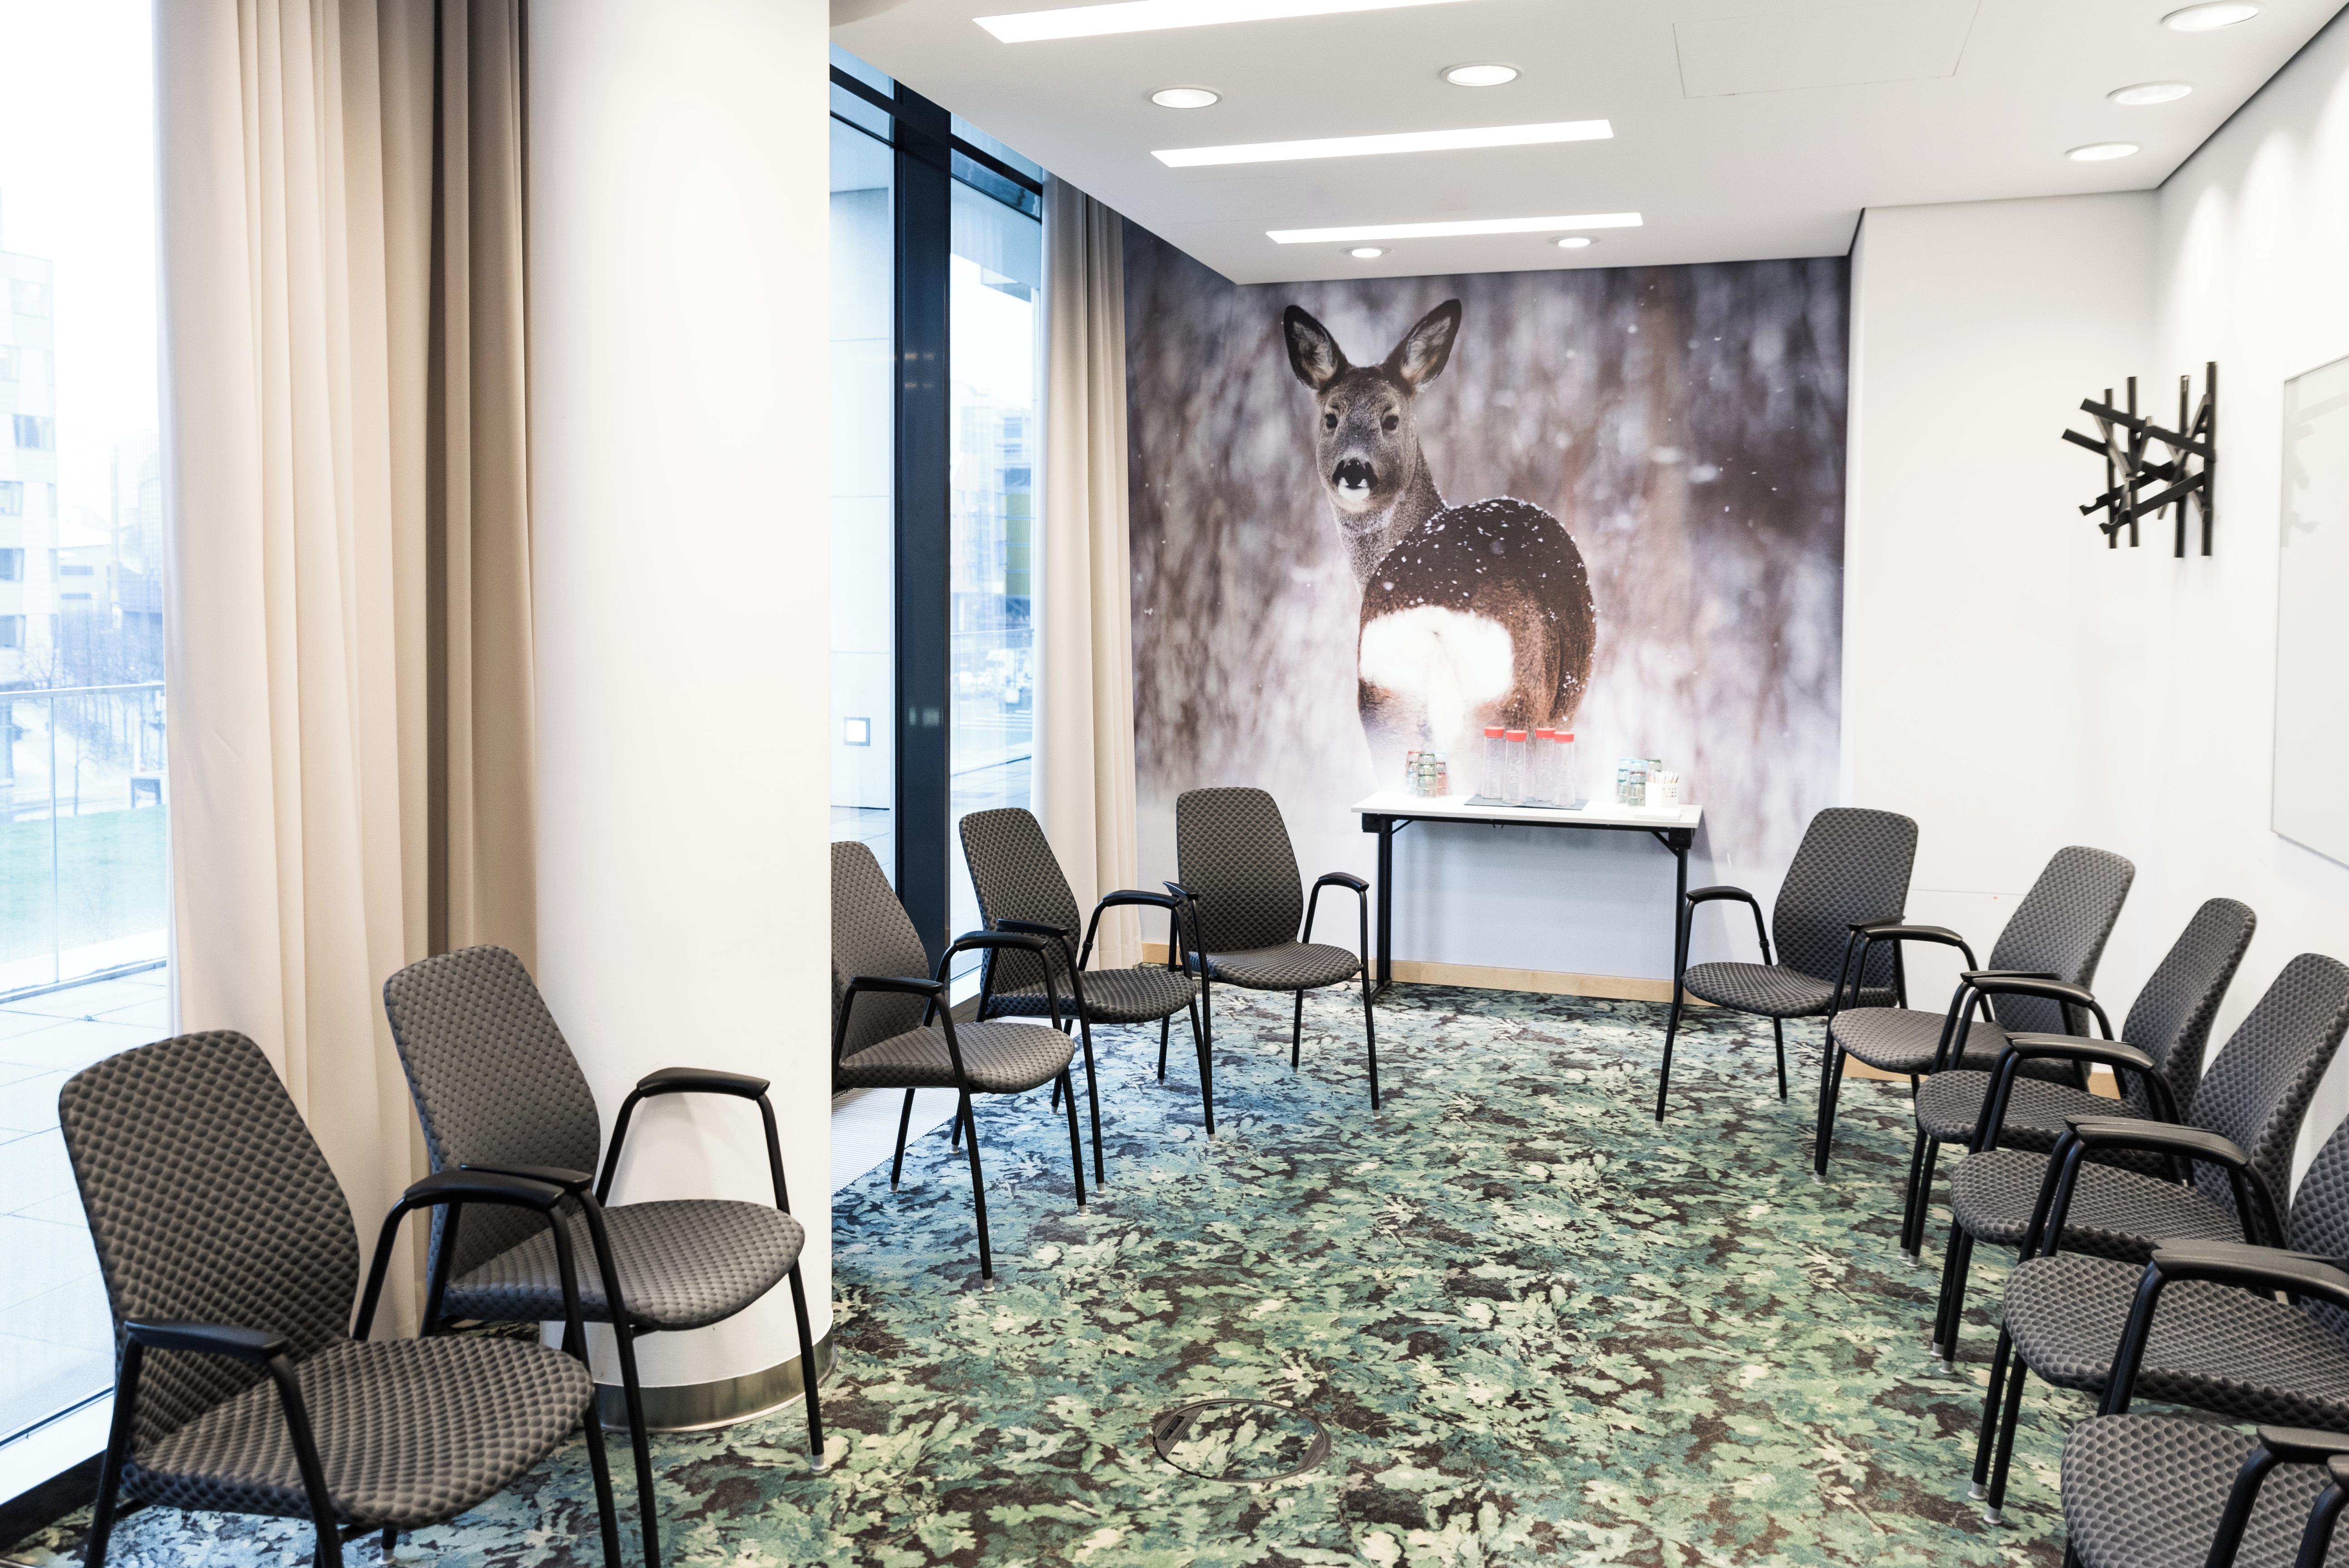 Berlin   Roe Deer image 0